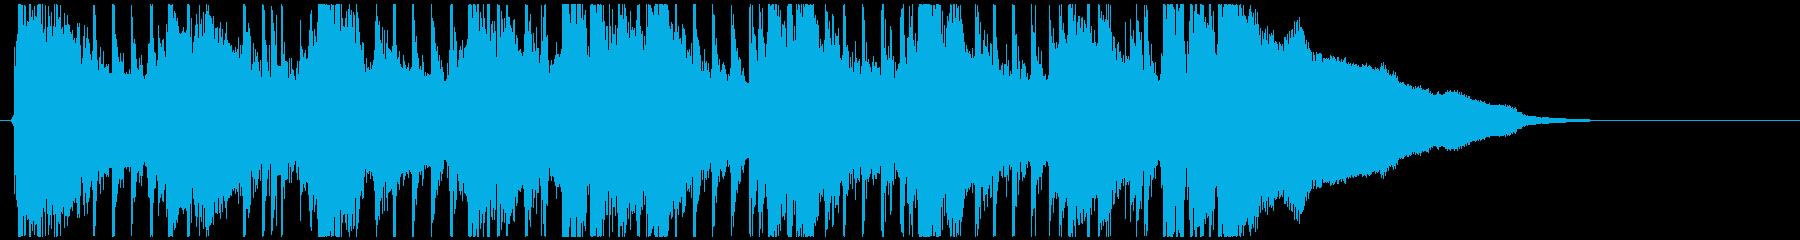 ピアノの疾走感が印象的なフレーズの再生済みの波形